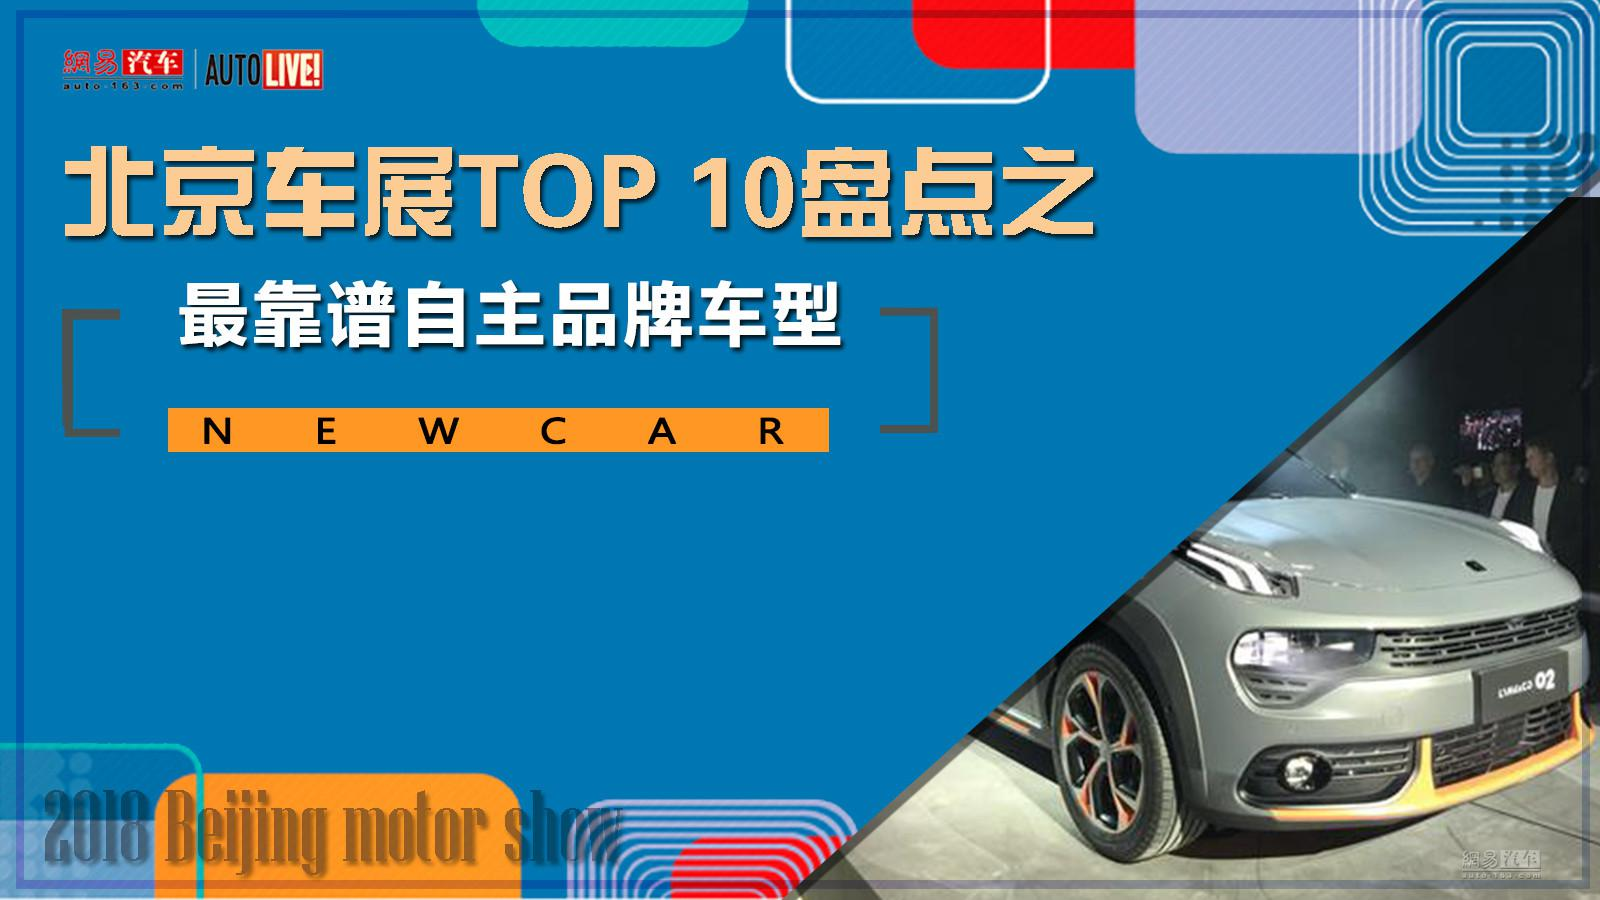 SUV占比80% 北京车展TOP10之?#31185;?#33258;主车型